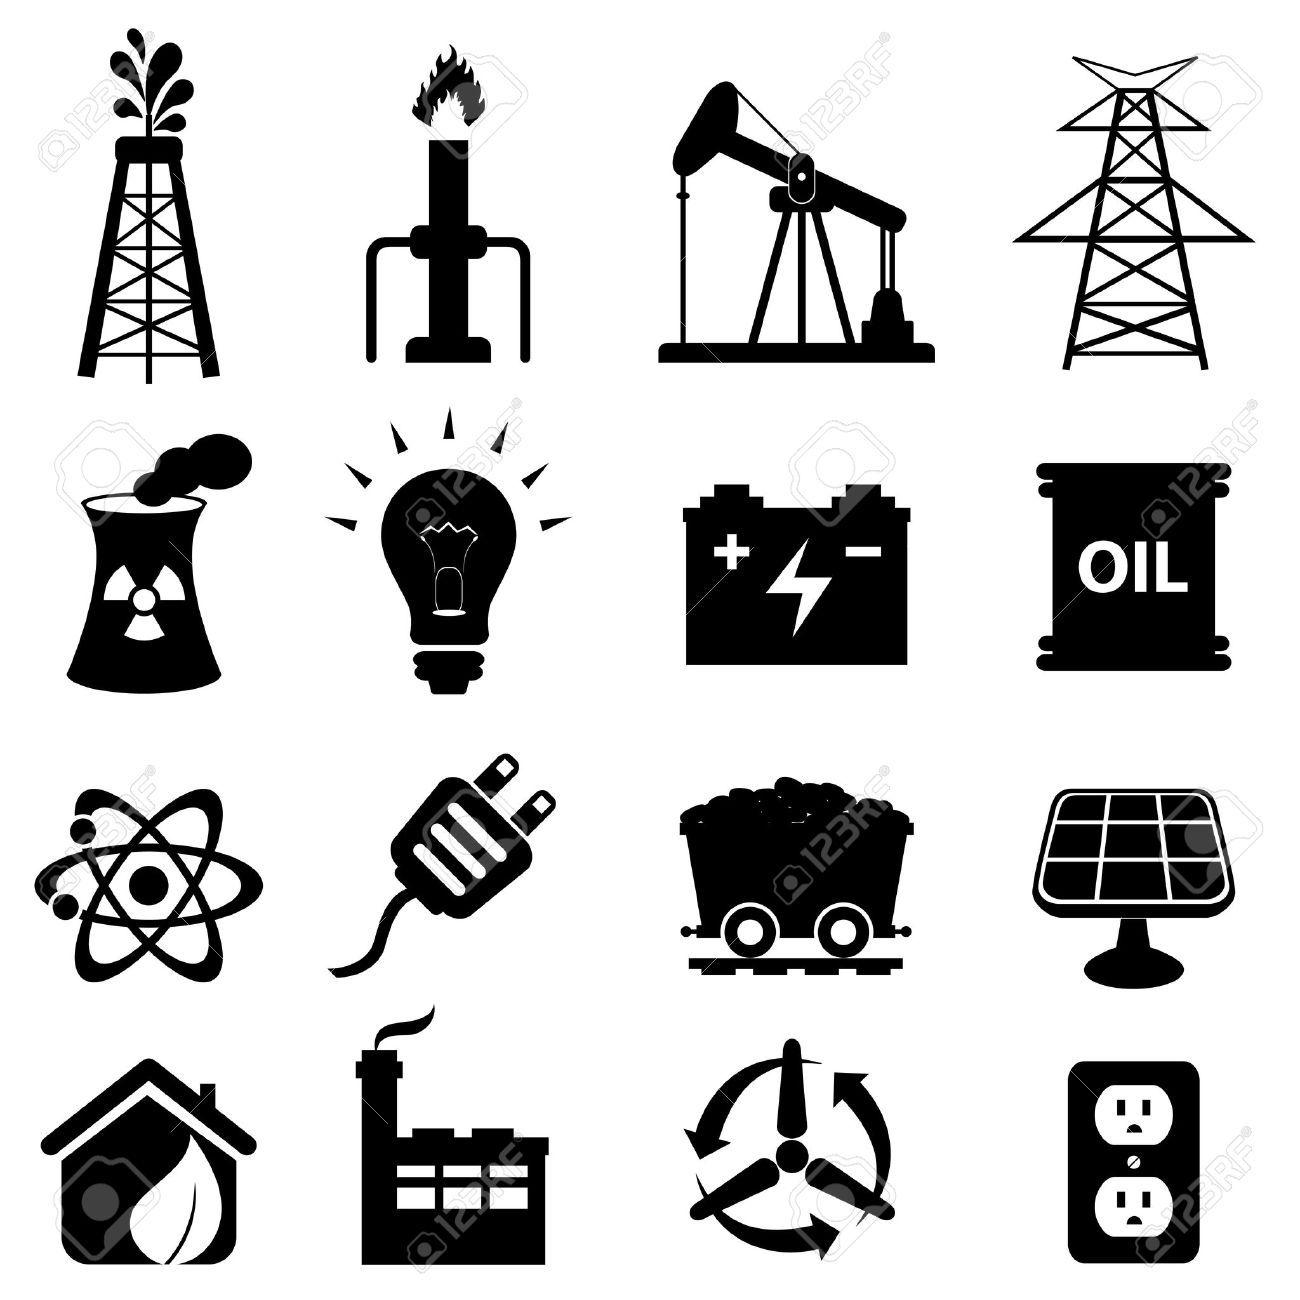 Oil Rig clipart icon #9.